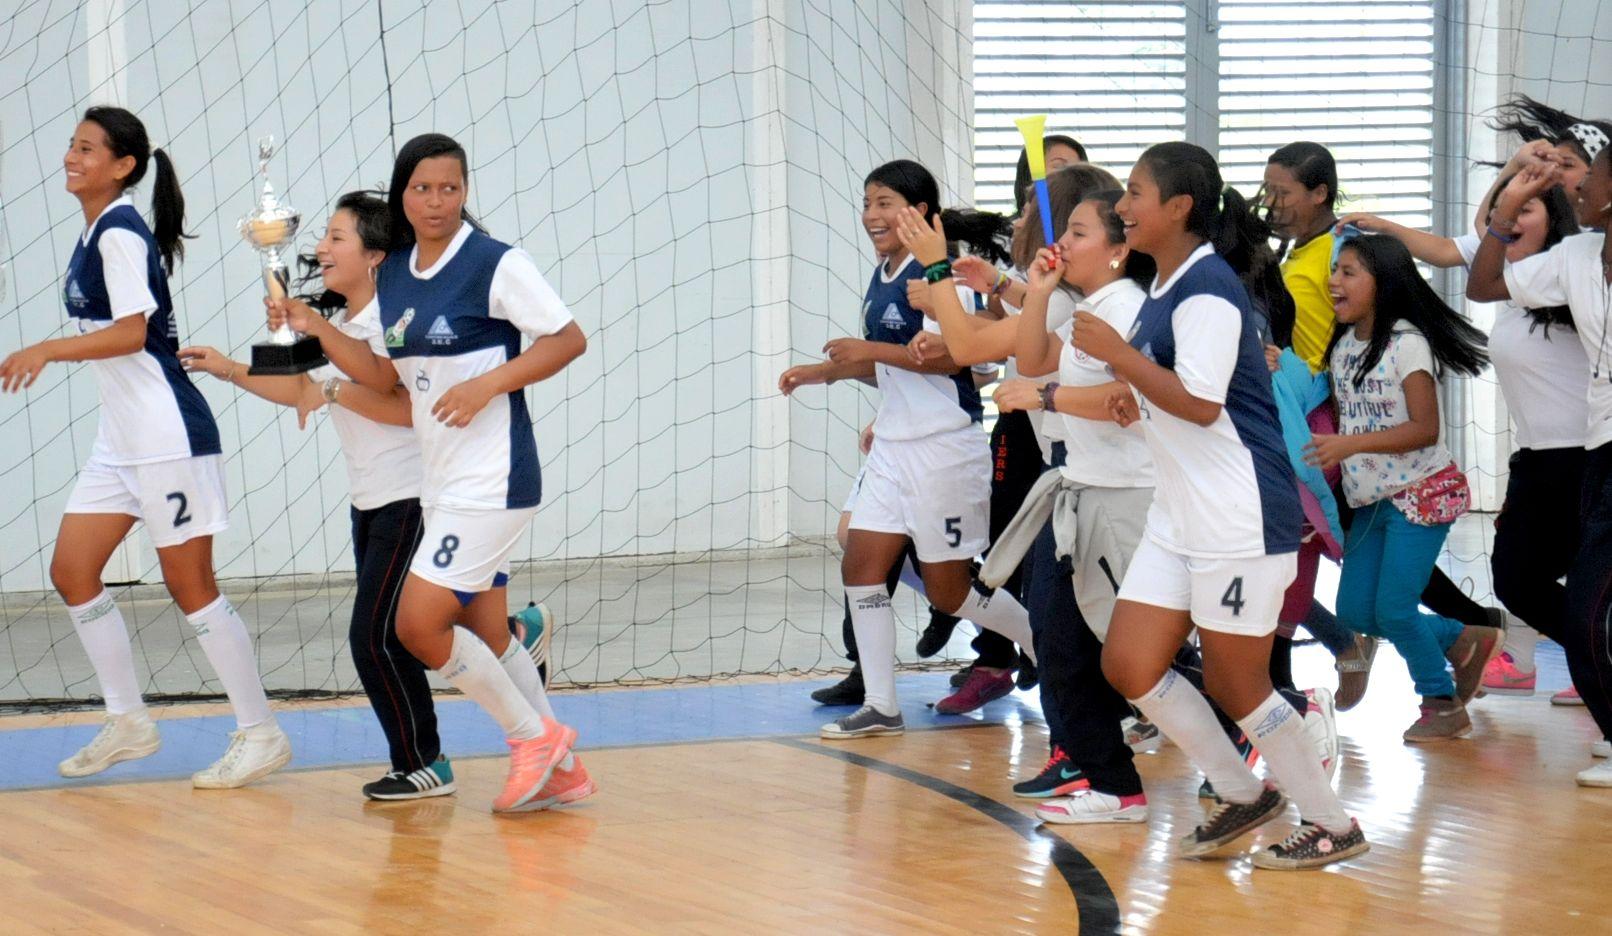 Momento en que las jugadoras del República de Suiza dan la vuelta olímpica con el trofeo que las acredita como las campeonas de la Copa El Nuevo Liberal en su versión femenina. / Fotos Dairo Ortega - El Nuevo Liberal